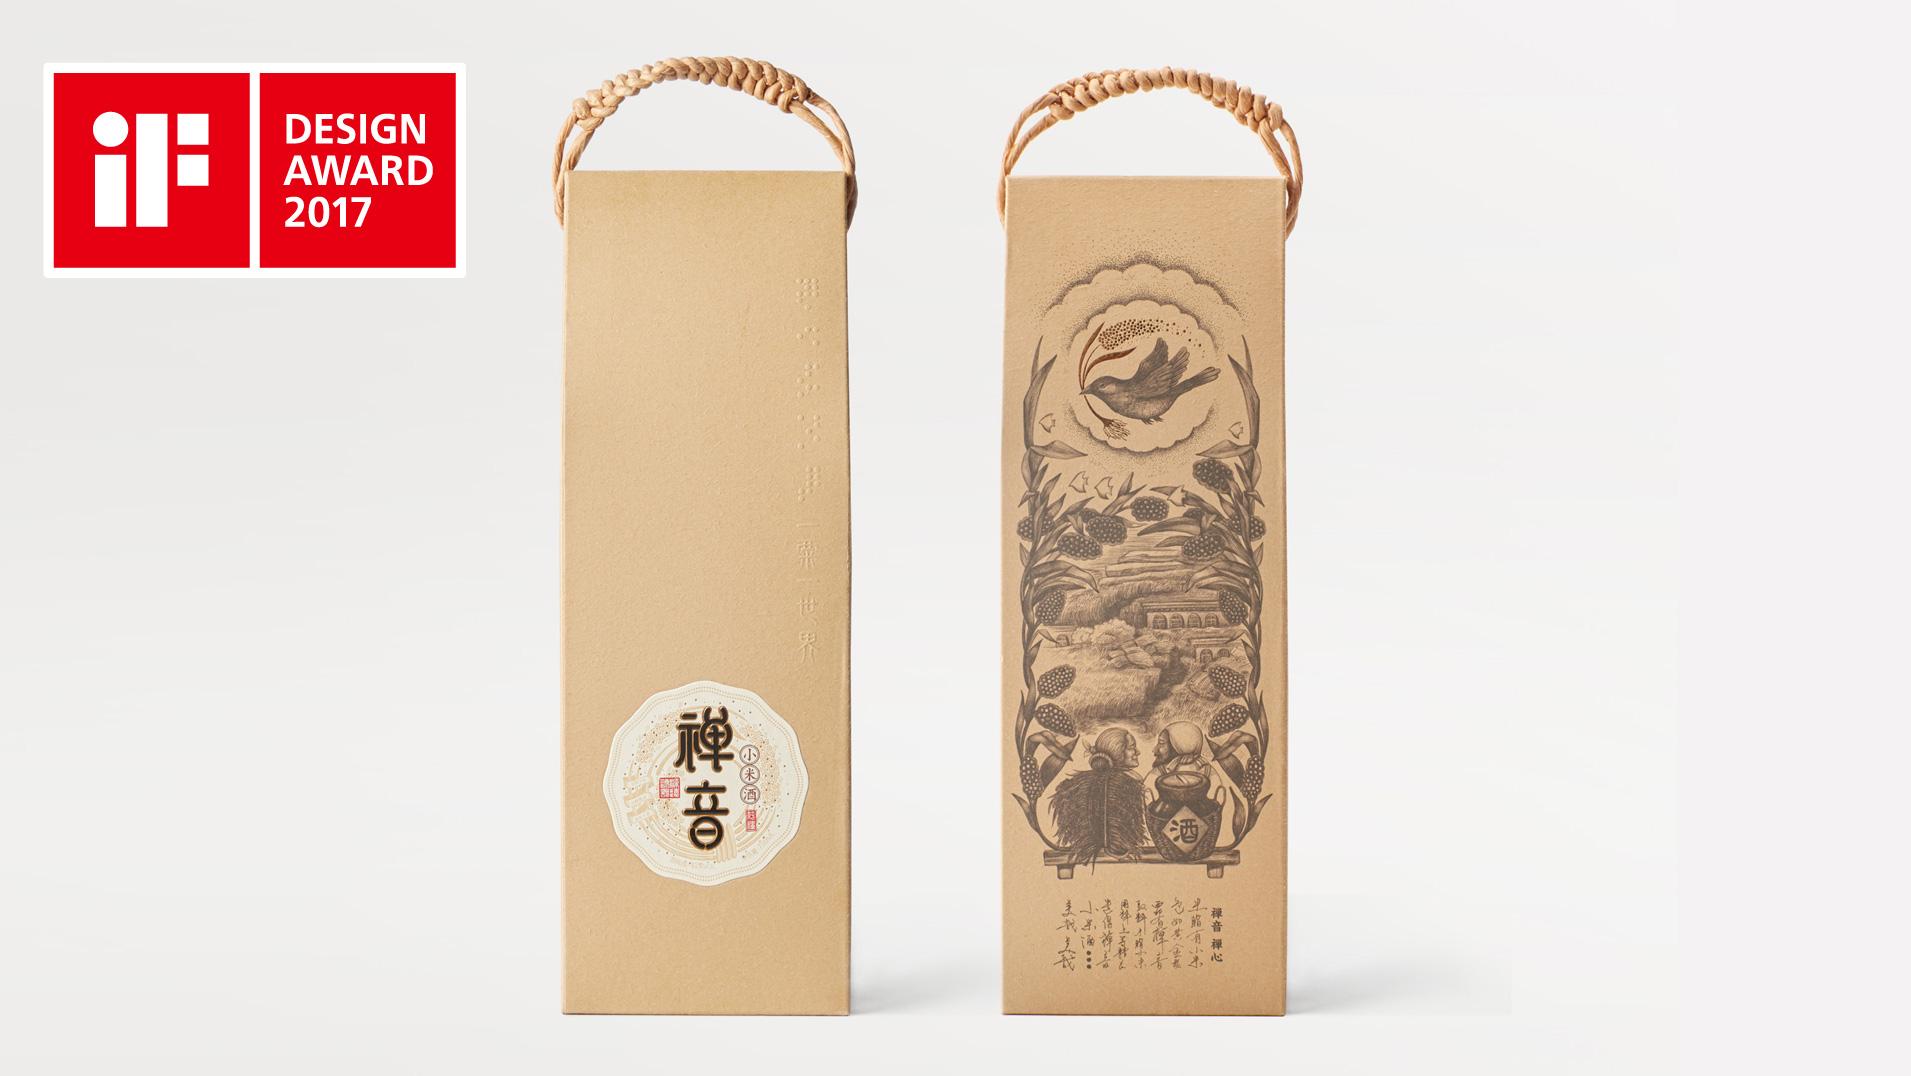 现代天然材料包装设计